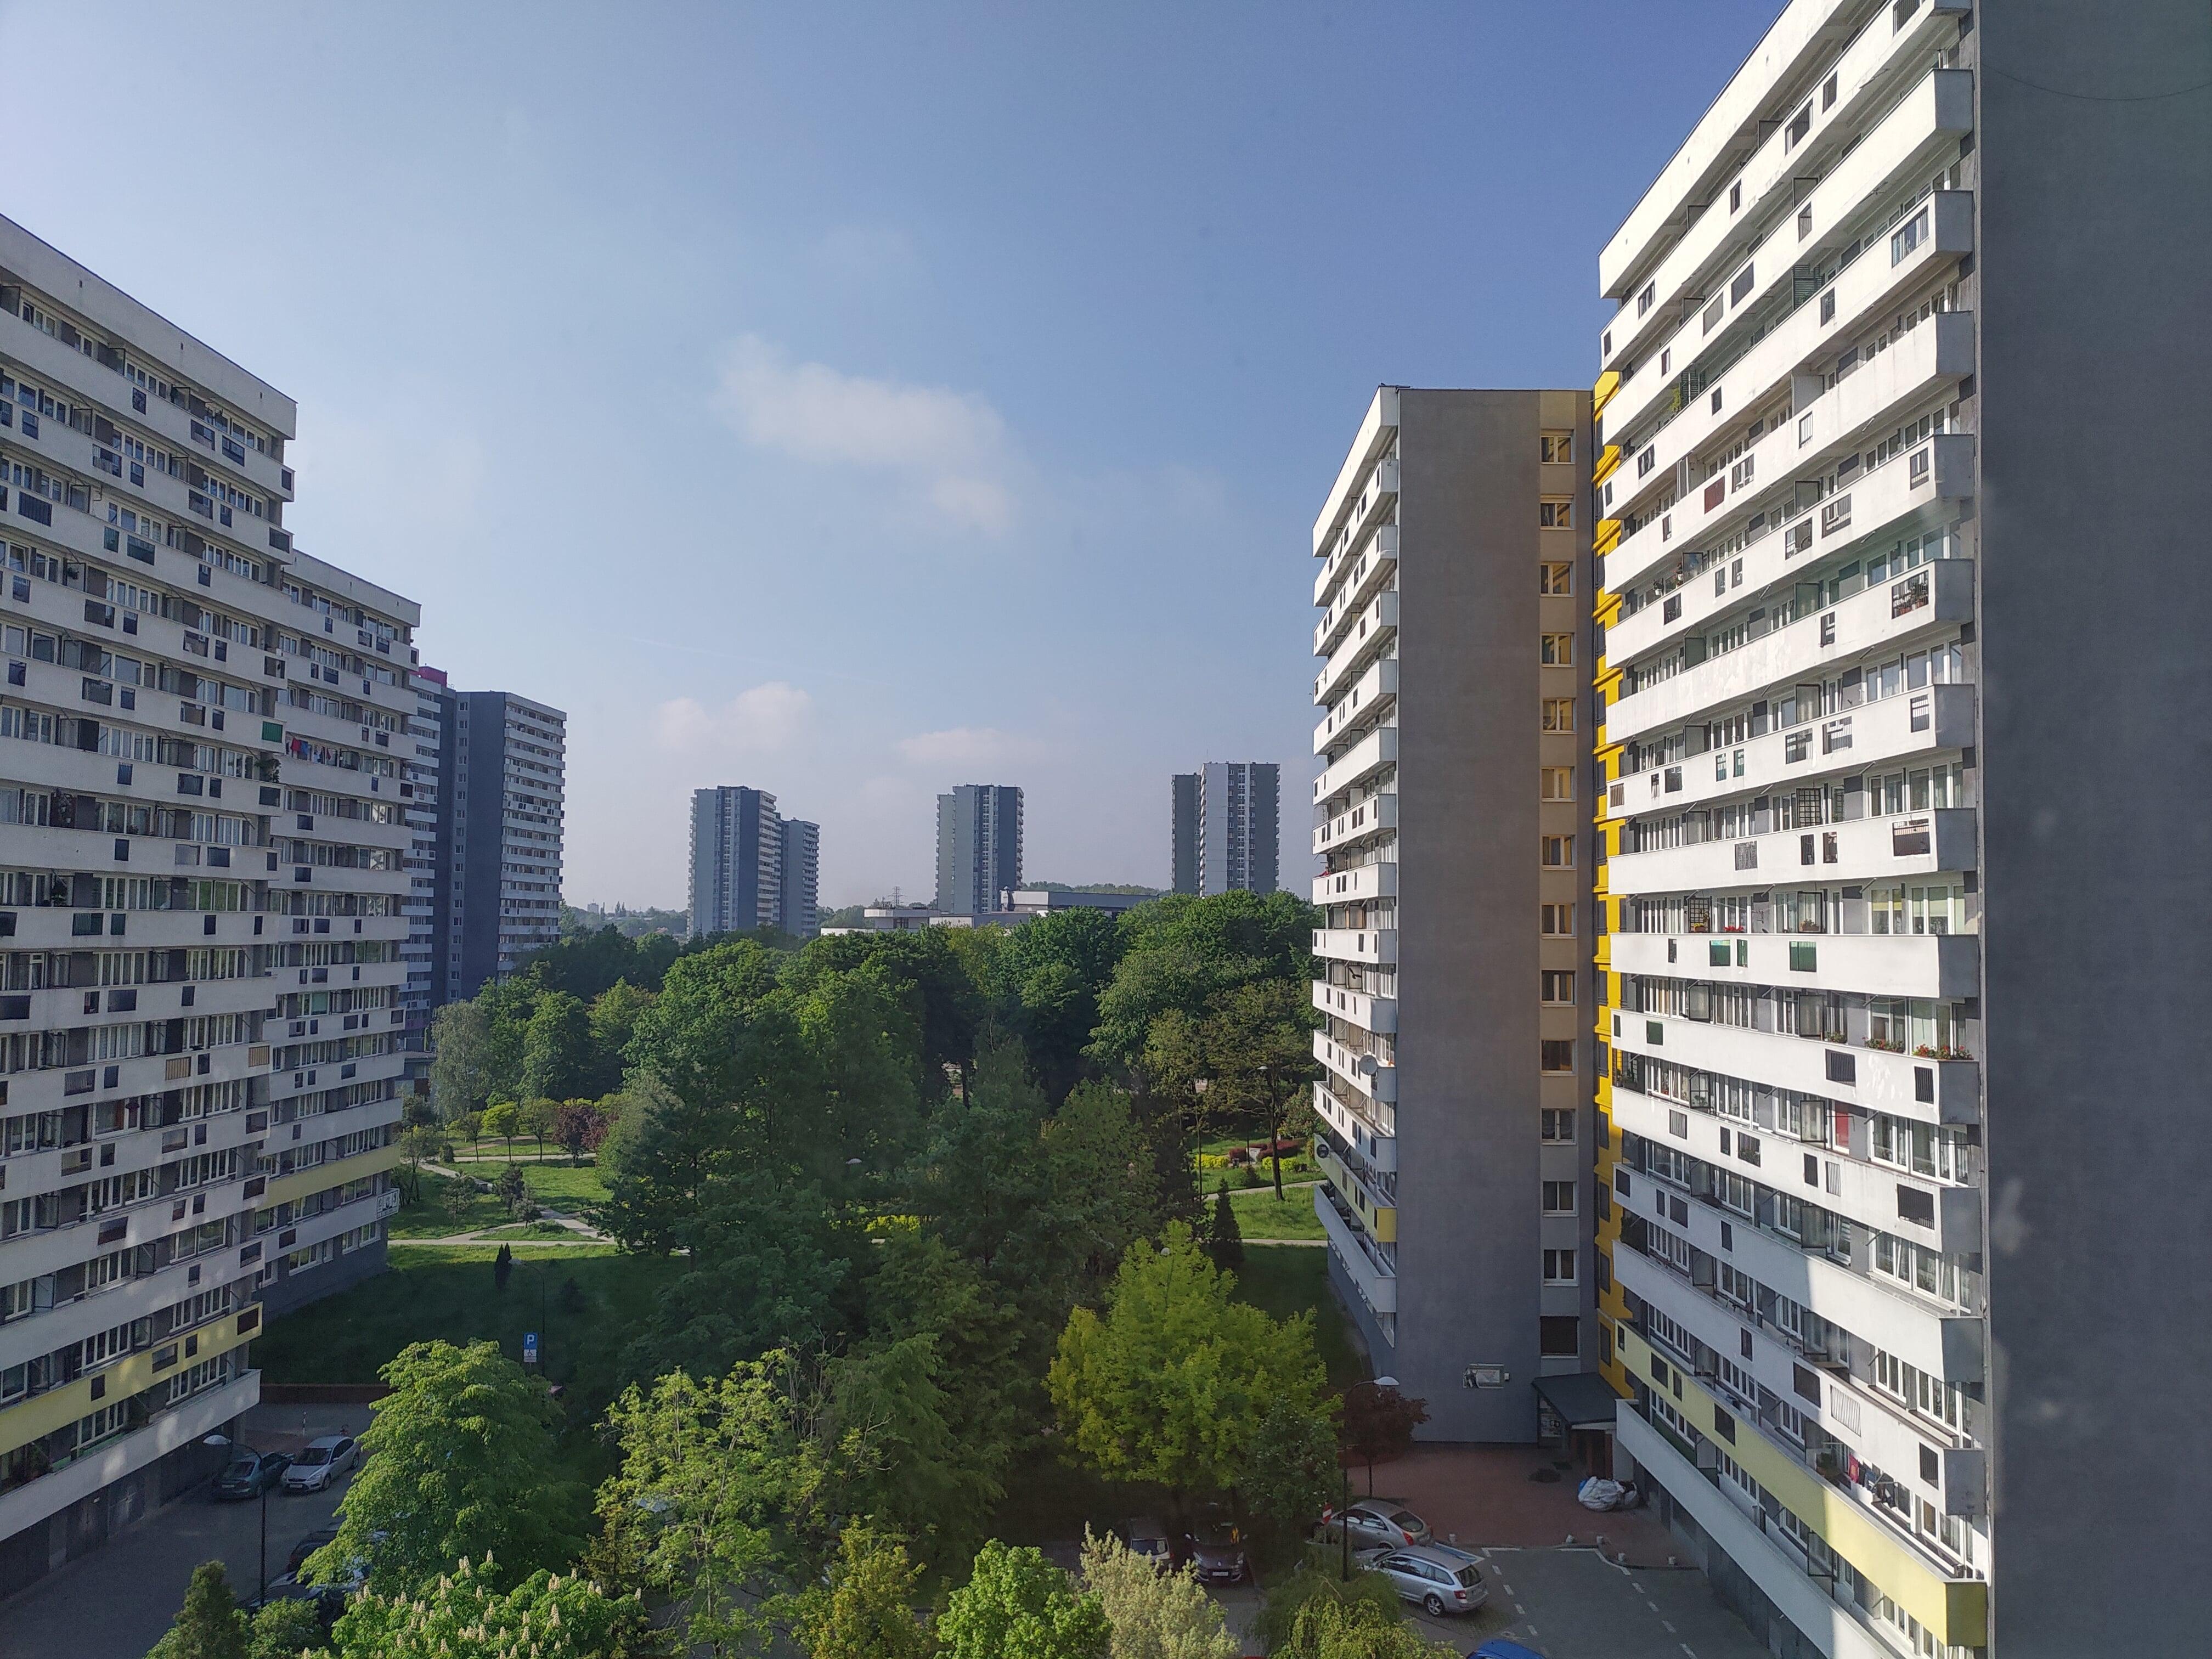 Słoneczna pogoda - Nokia 8.1